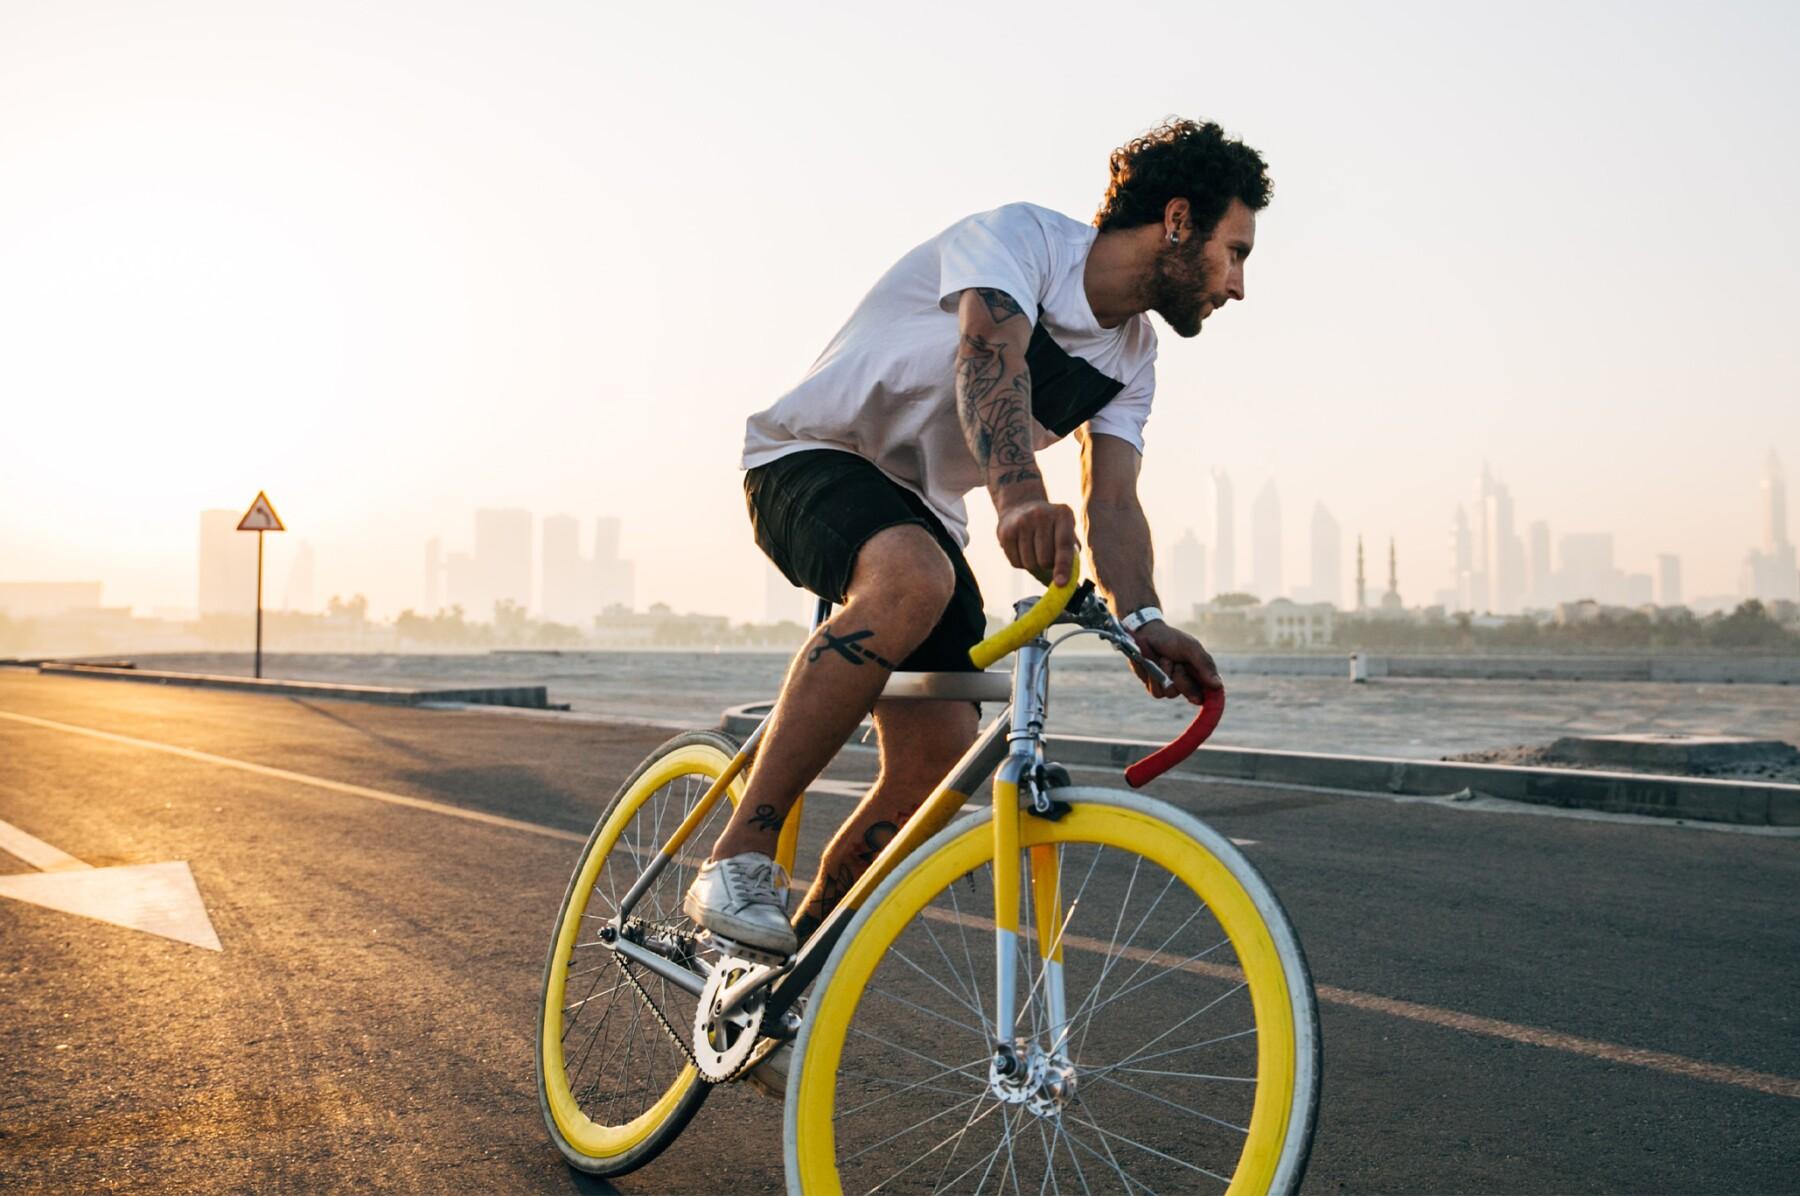 bicics2.jpg